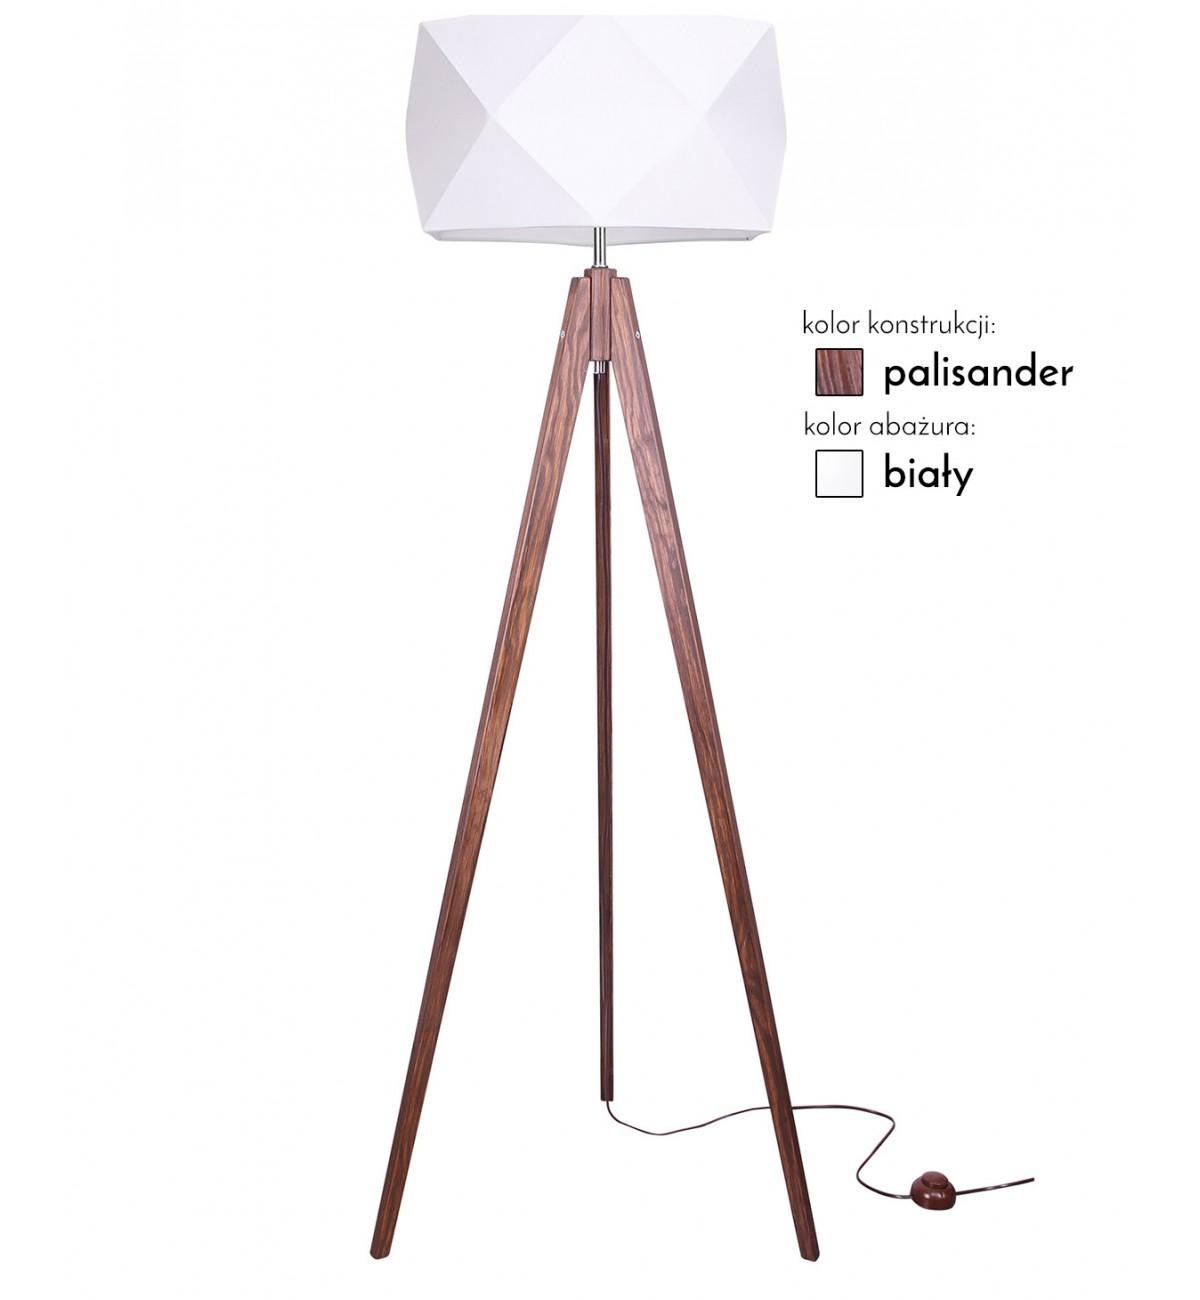 lampa stojaca z abazurem nowoczesna drewno led 1